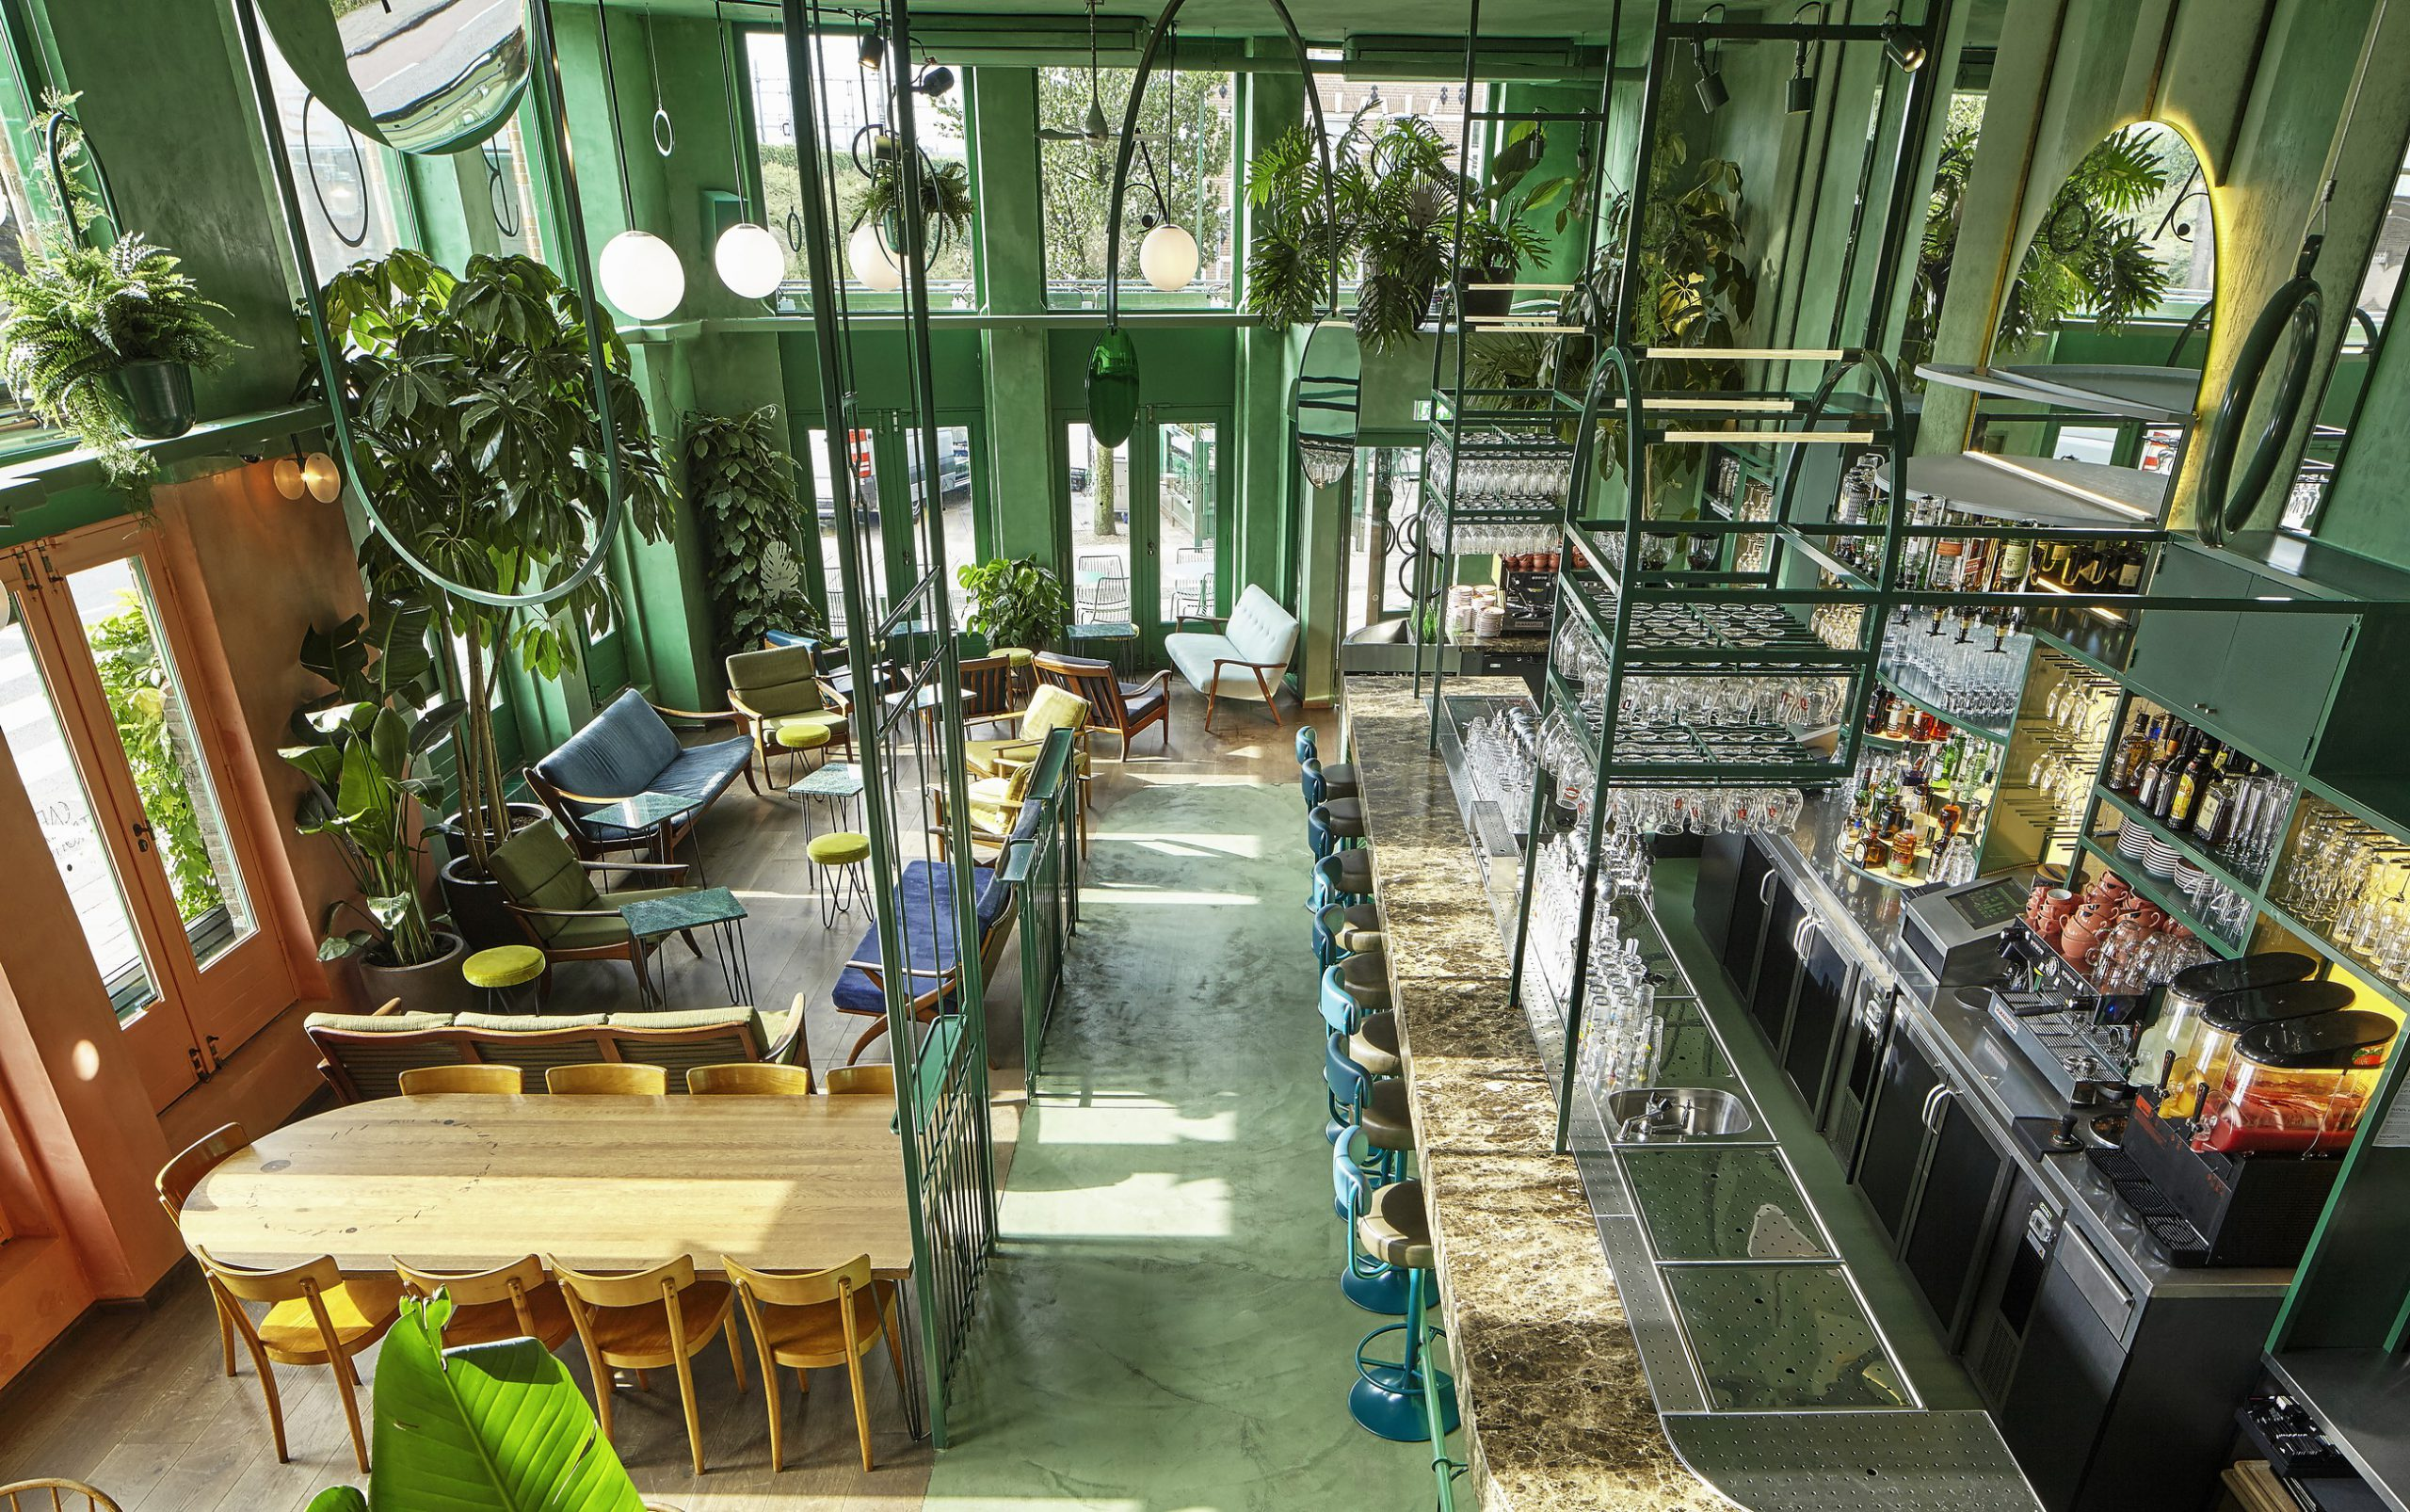 mau quan cafe cay xanh dep hinh that 9 scaled Mẫu thiết kế quán cafe sân vườn đẹp giúp kinh doanh sinh lời giữ chân khách hàng trung thành